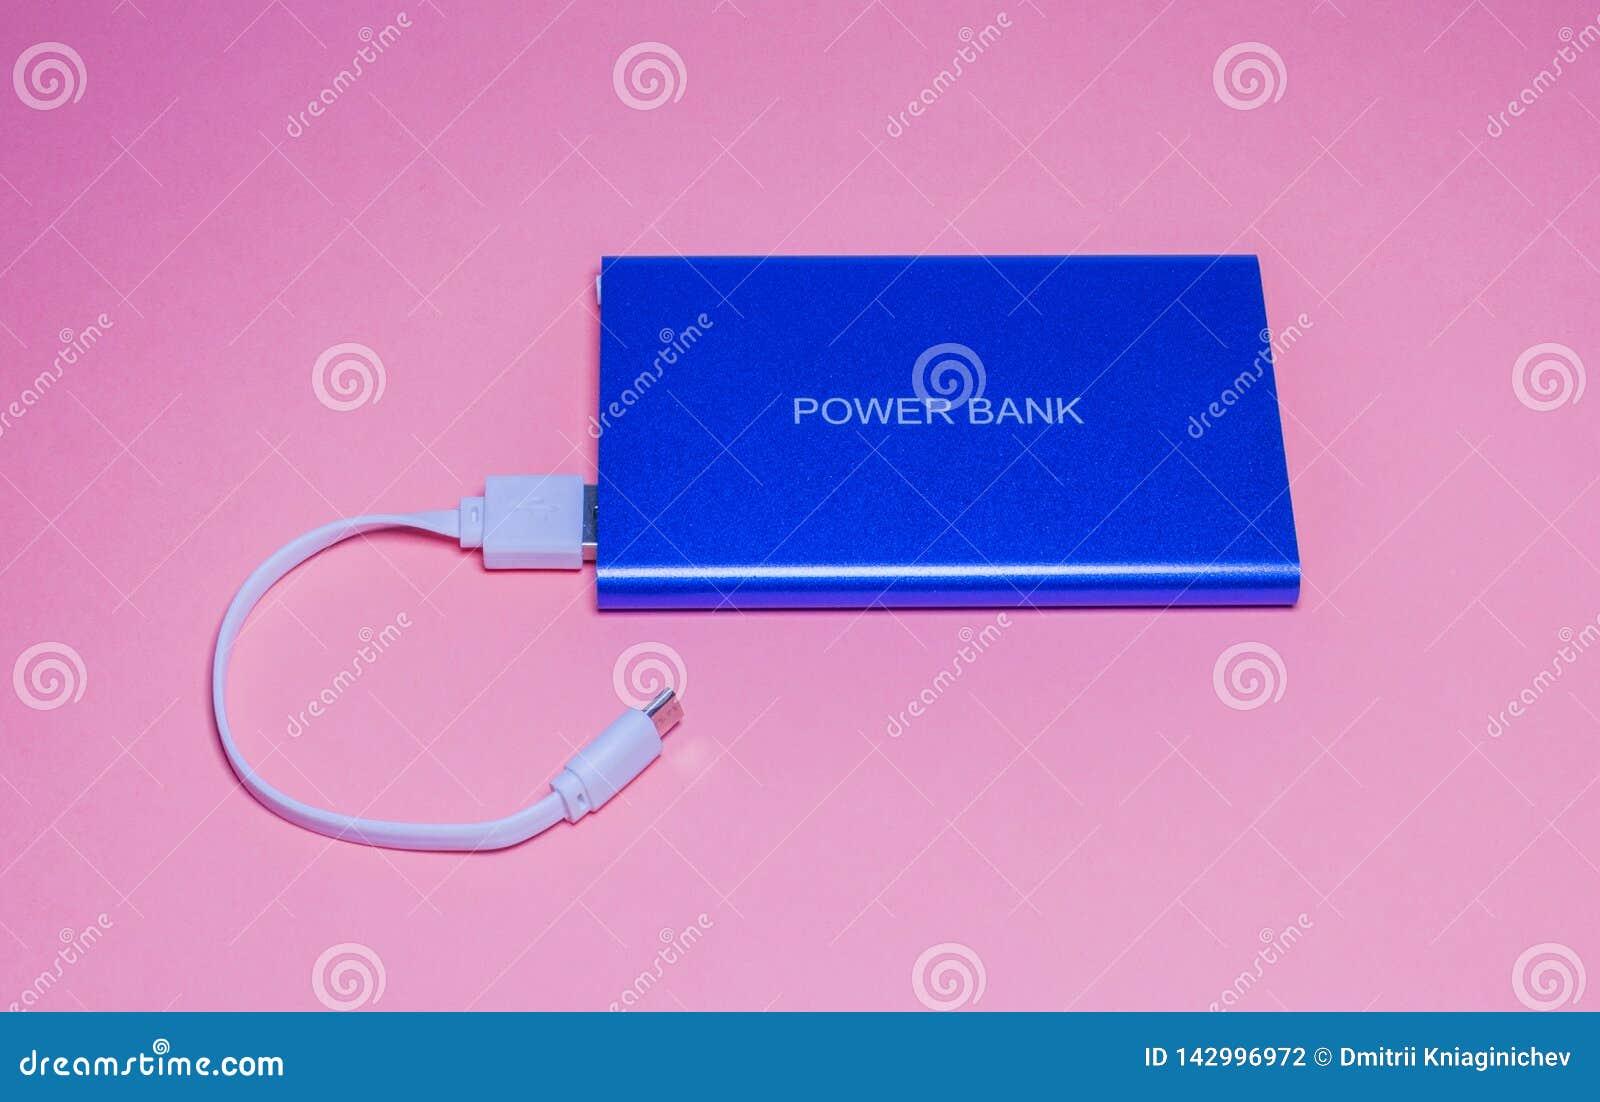 Maktbank för laddningstelefon på rosa bakgrund-bild